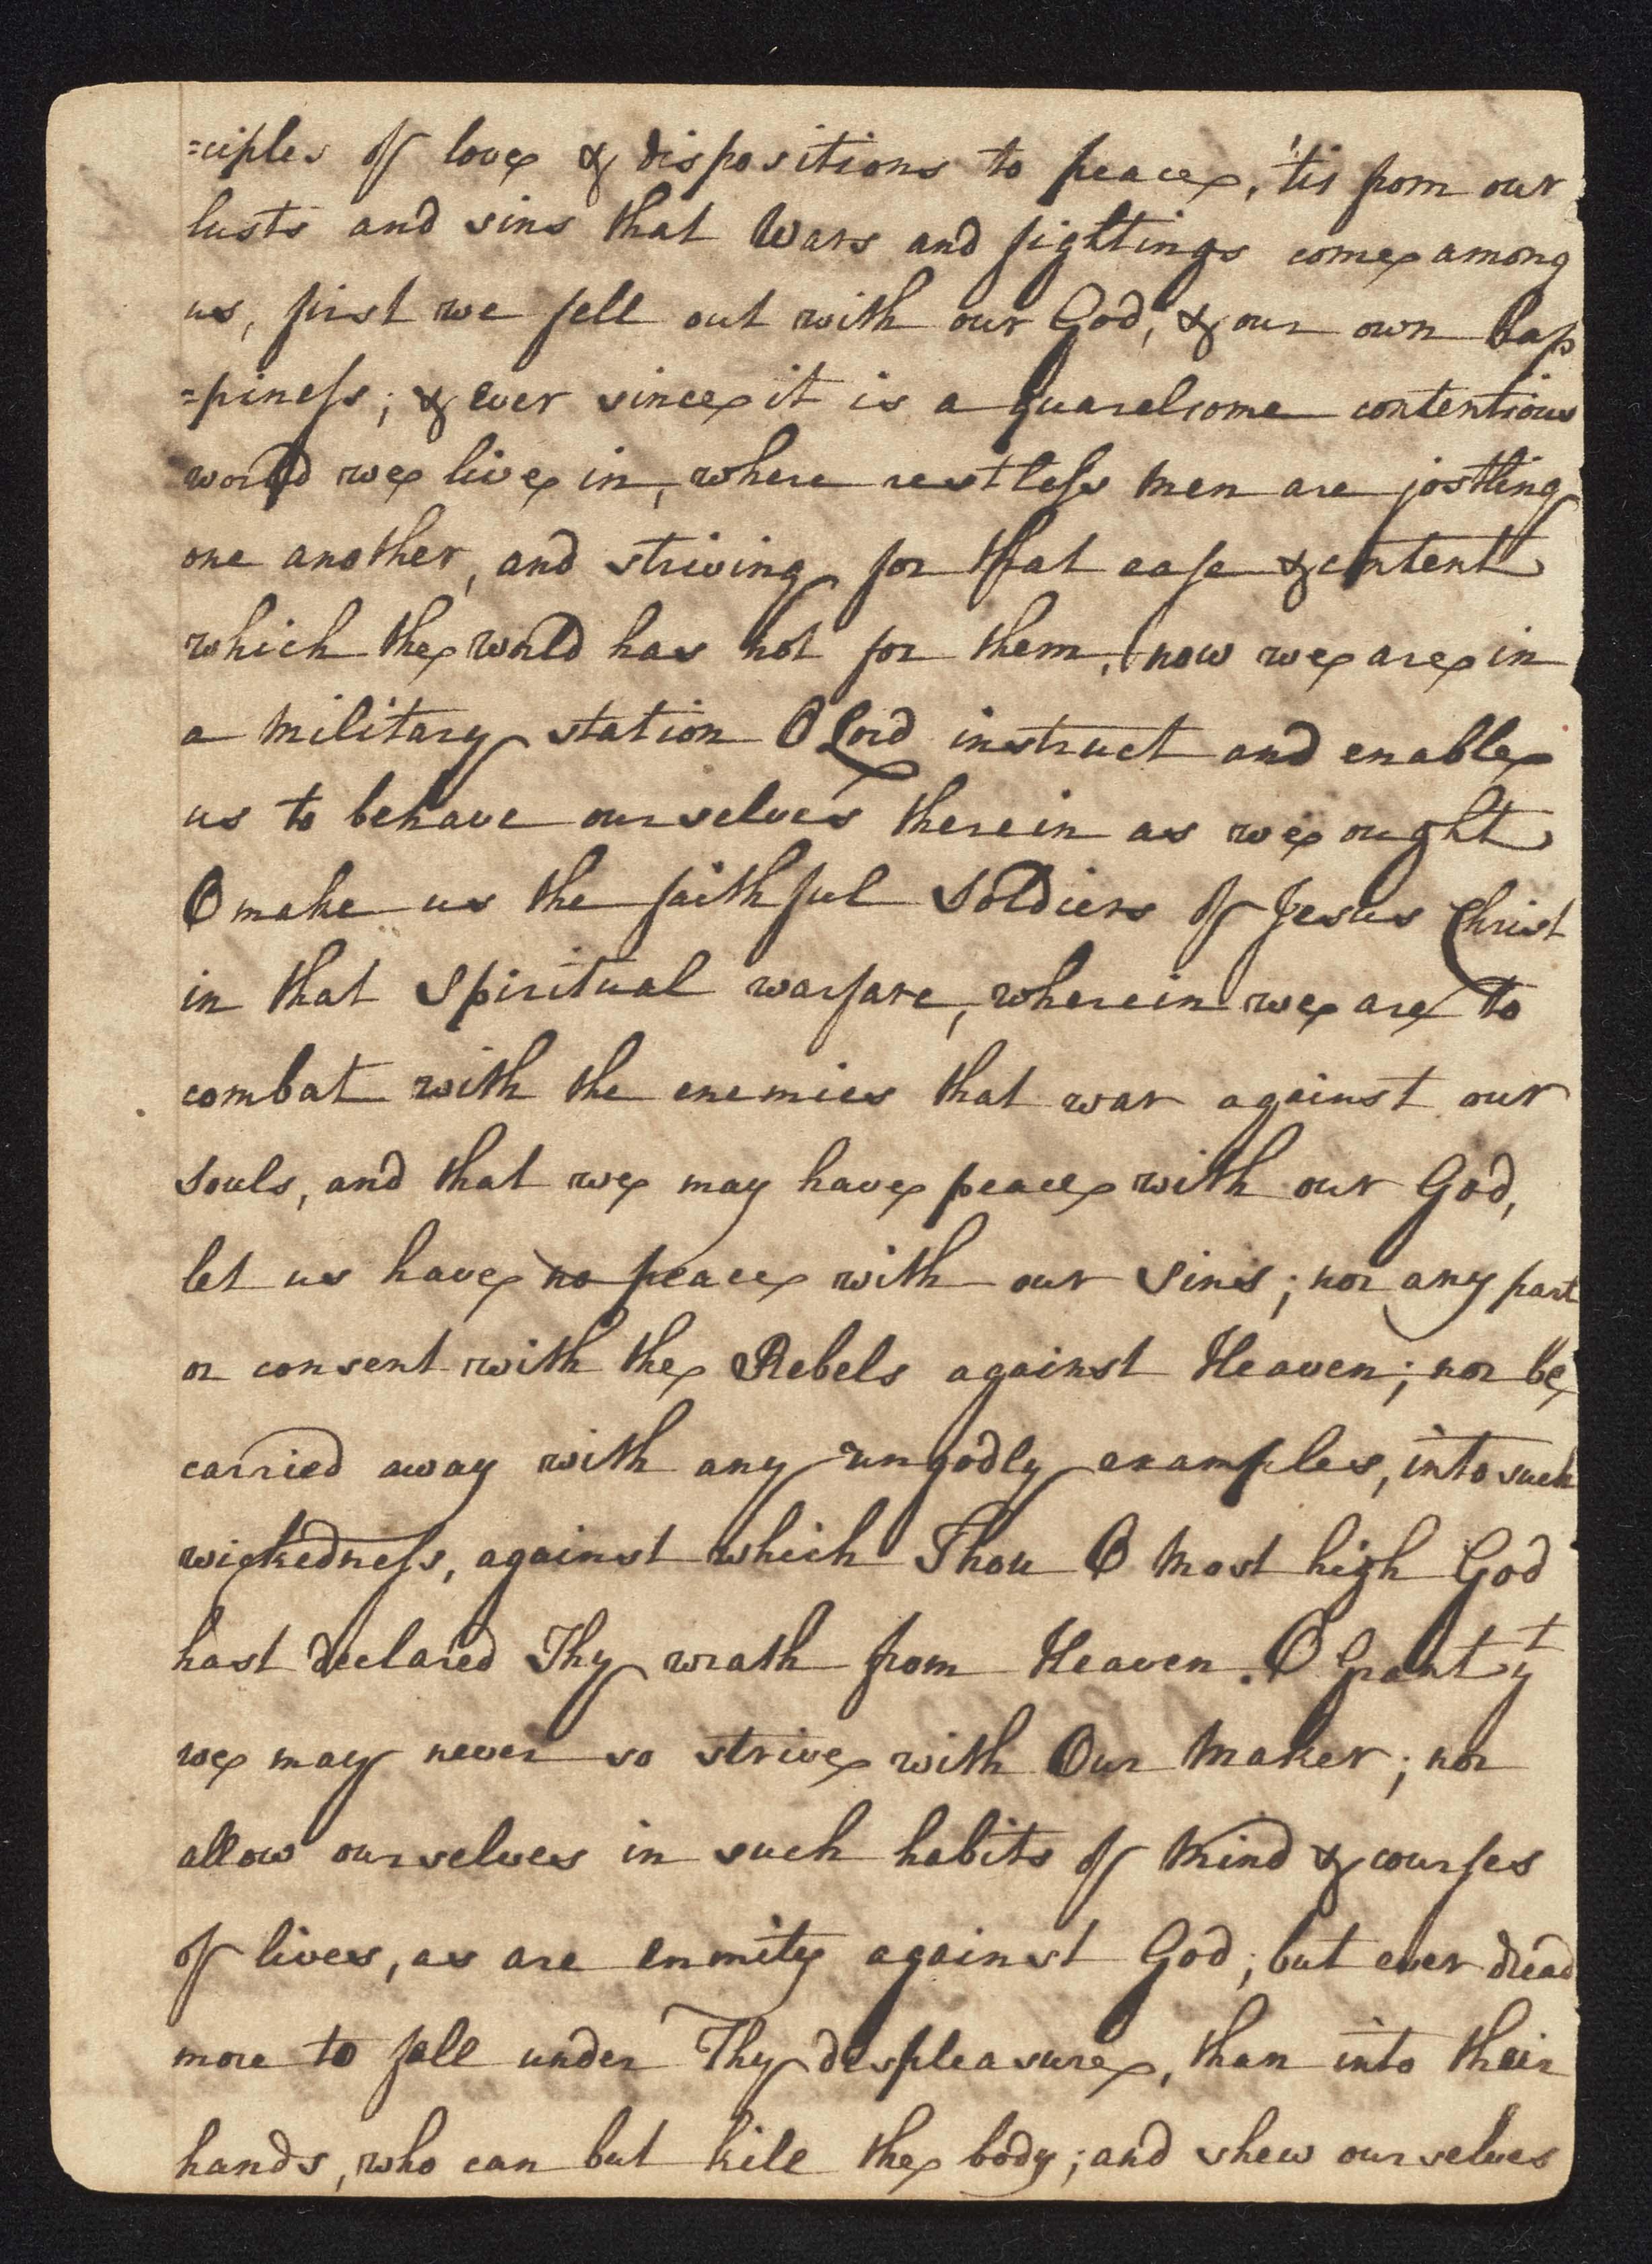 South Carolina Regiment Order Book, Page 34